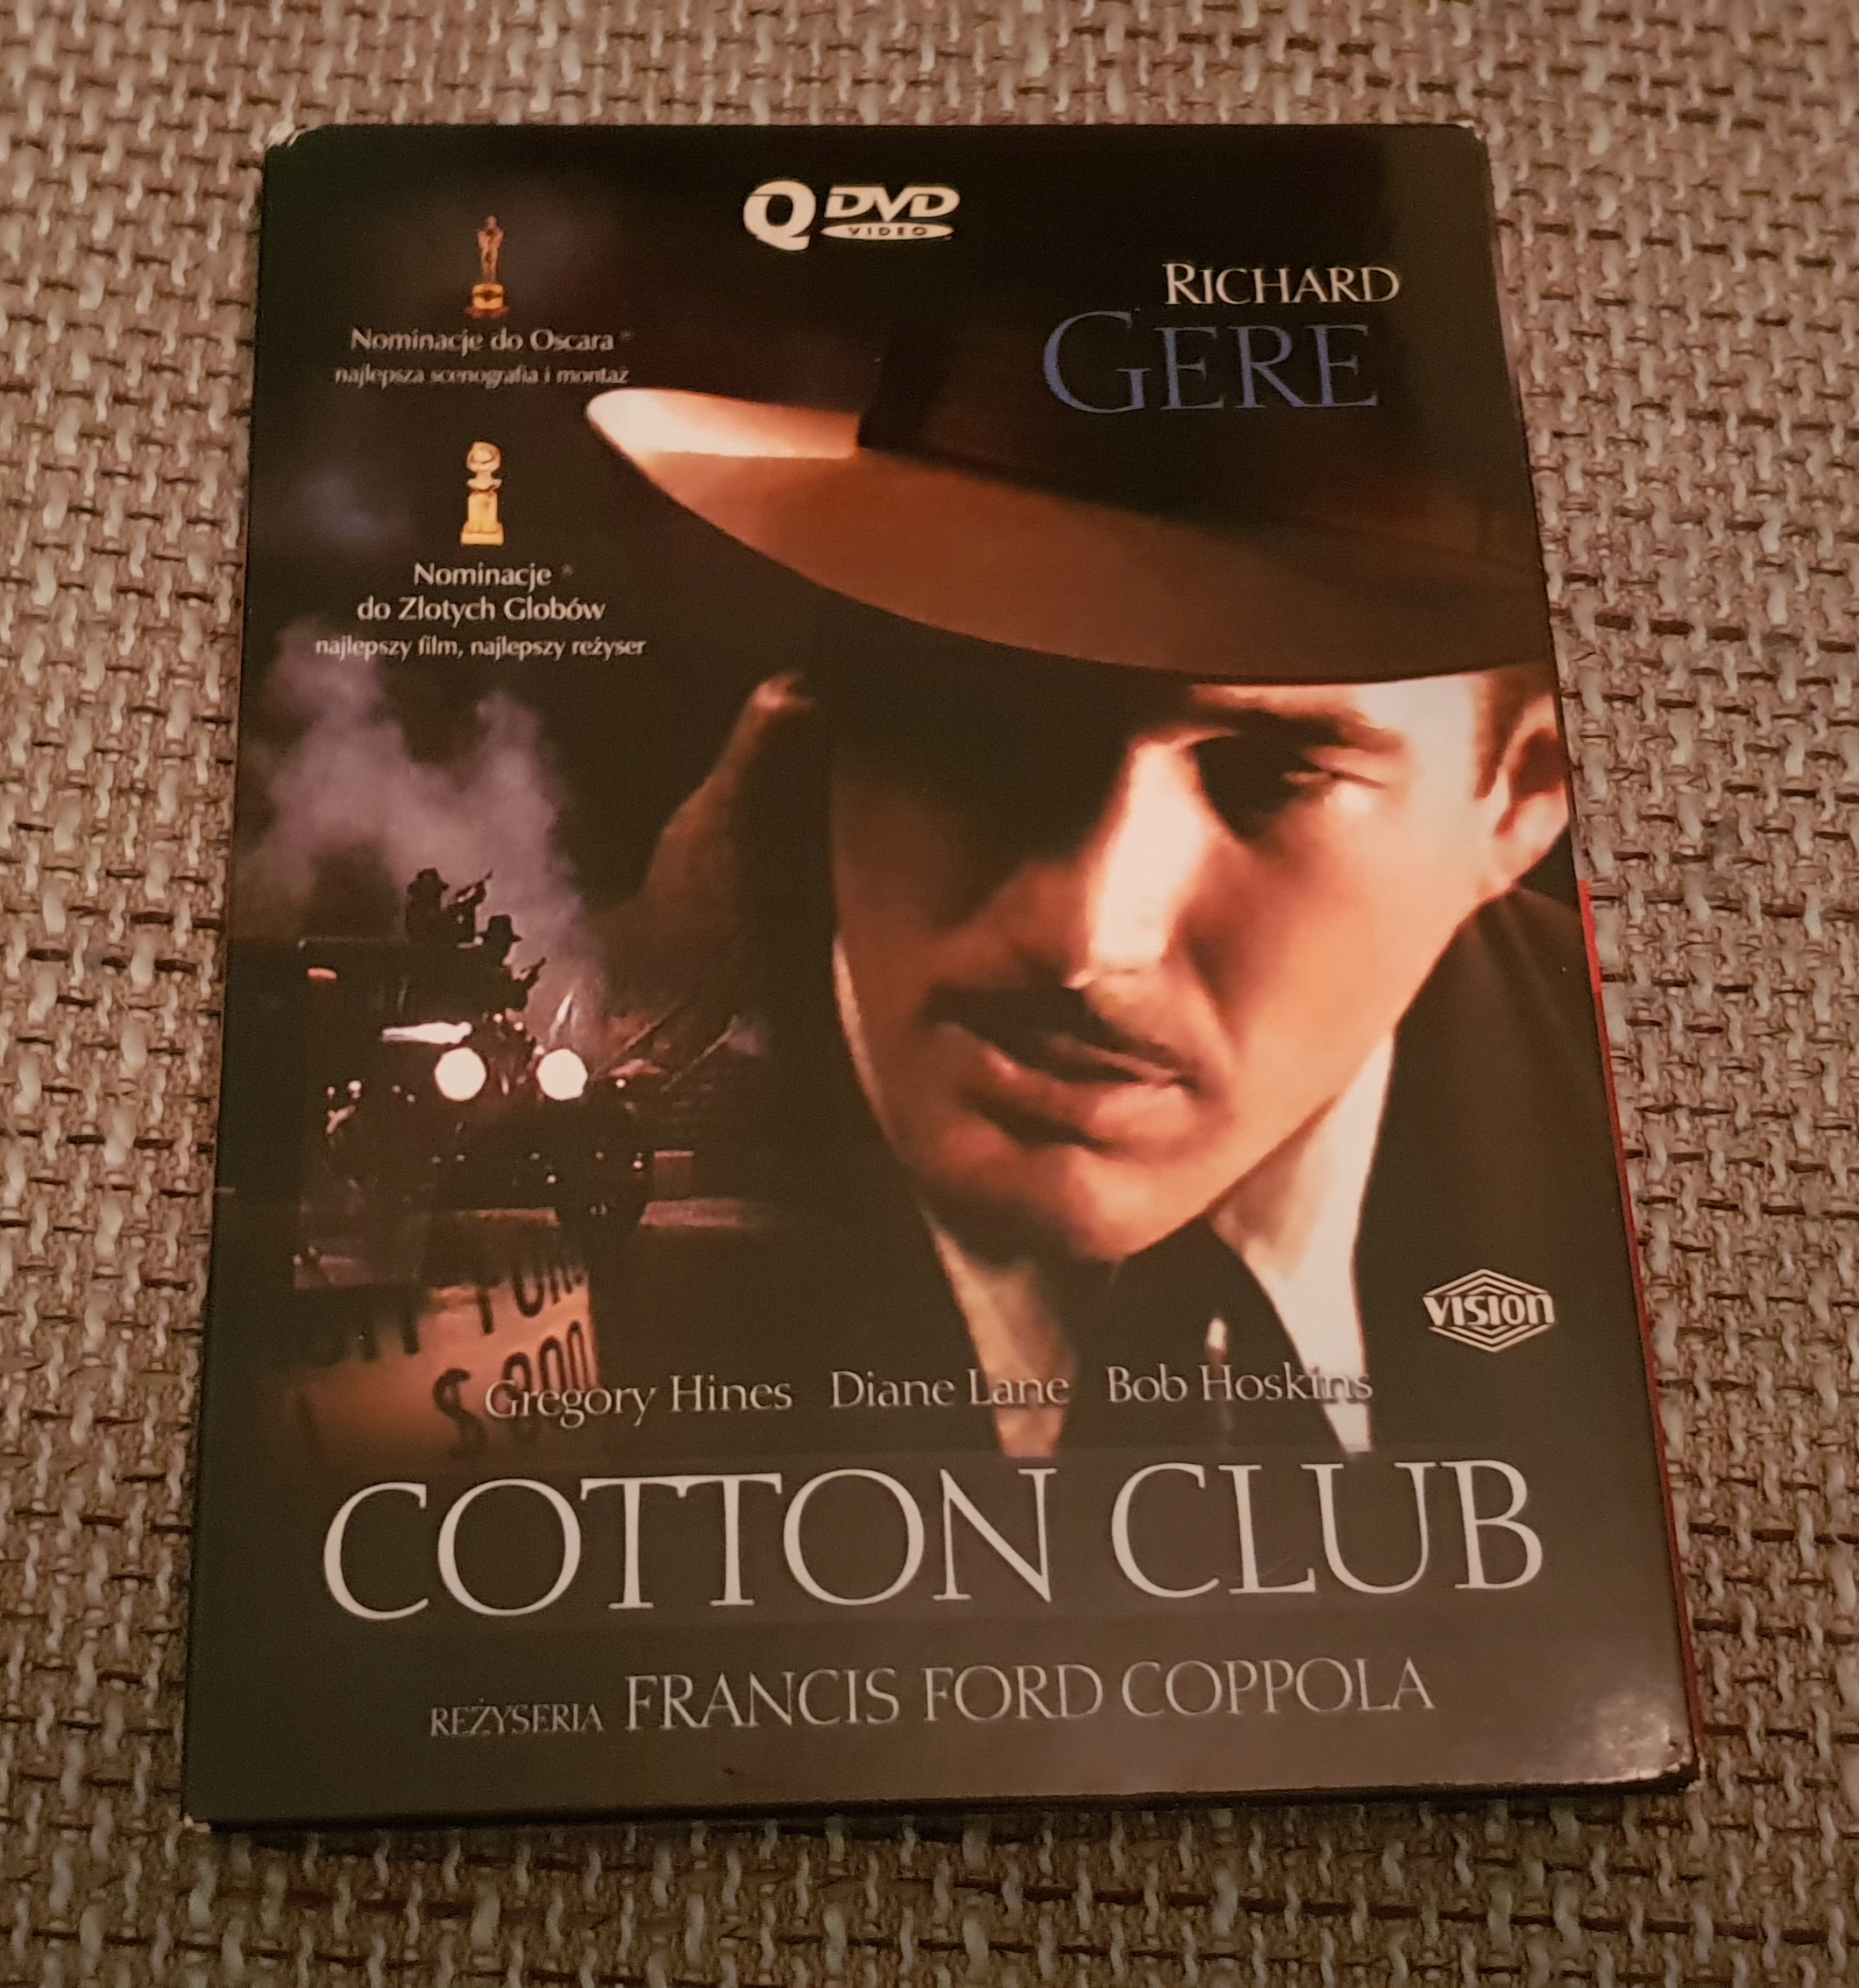 COTTON CLUB DIGIPAK WYPRZEDAŻ FILMÓW